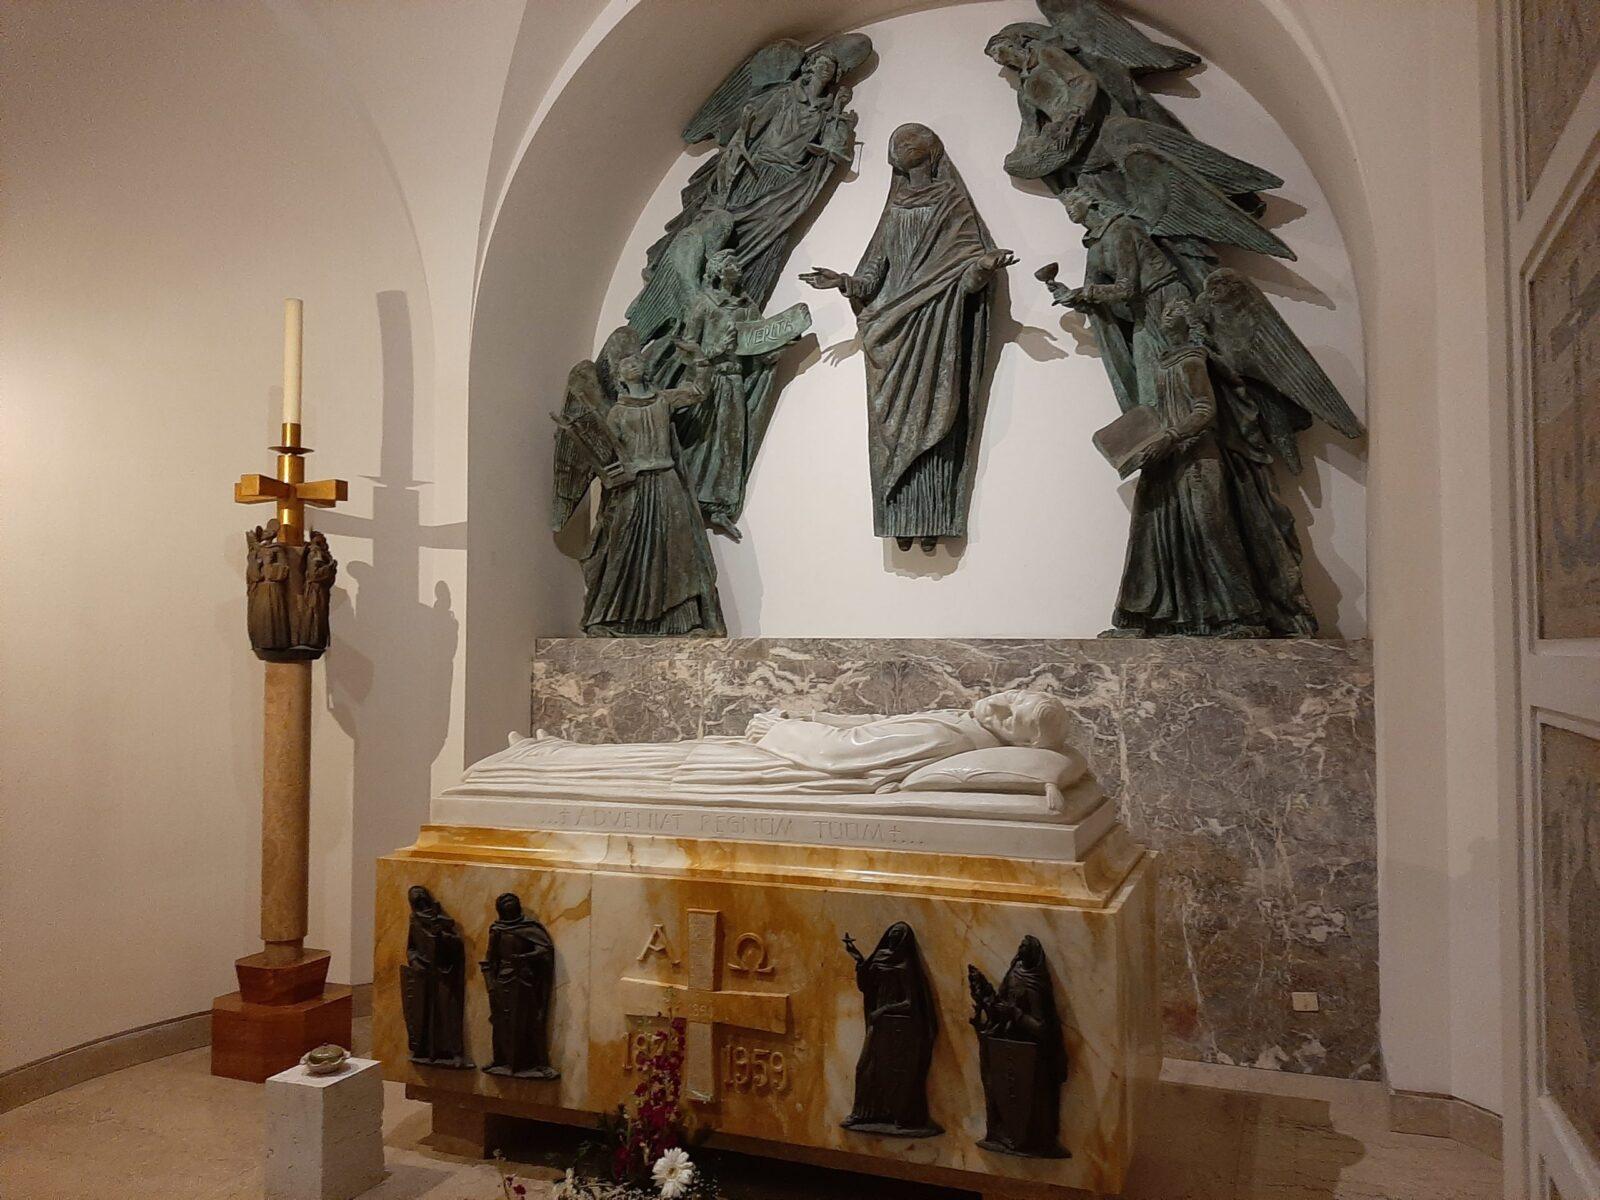 Mausoleo don Luigi Sturzo, fondatore Partito Popolare Italiano, Caltagirone